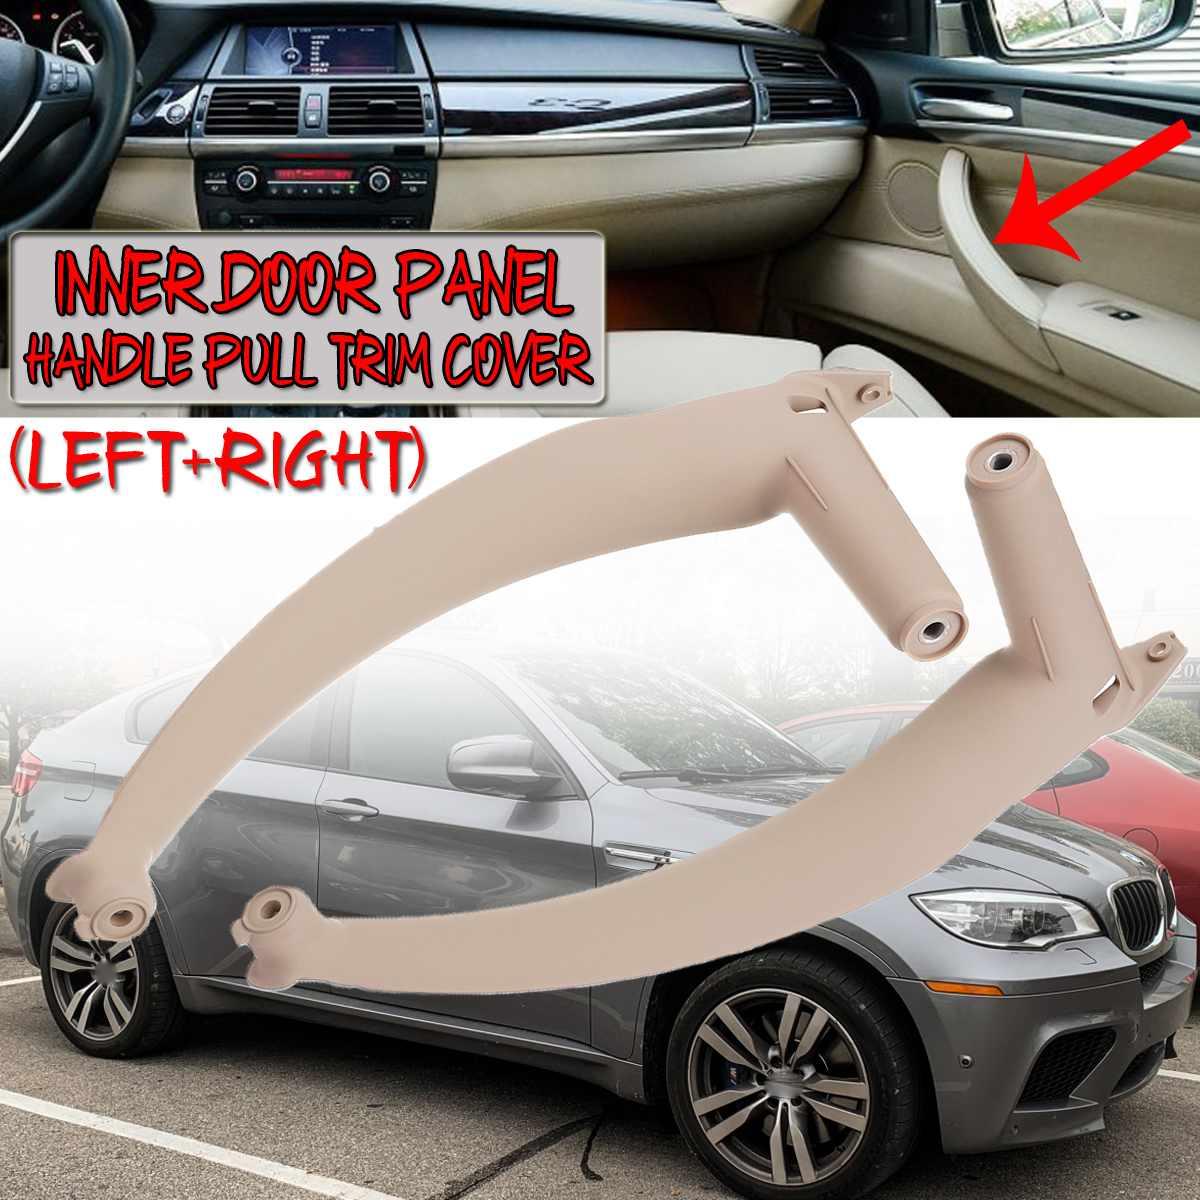 3 cor Interior Maçaneta da porta Para BMW E70 X5 SAV 2007-2013 E71/E72 X6 SAV 2008- 2014 Maçaneta Da Porta Interior Do Painel Do Carro Puxar Tampa da Guarnição